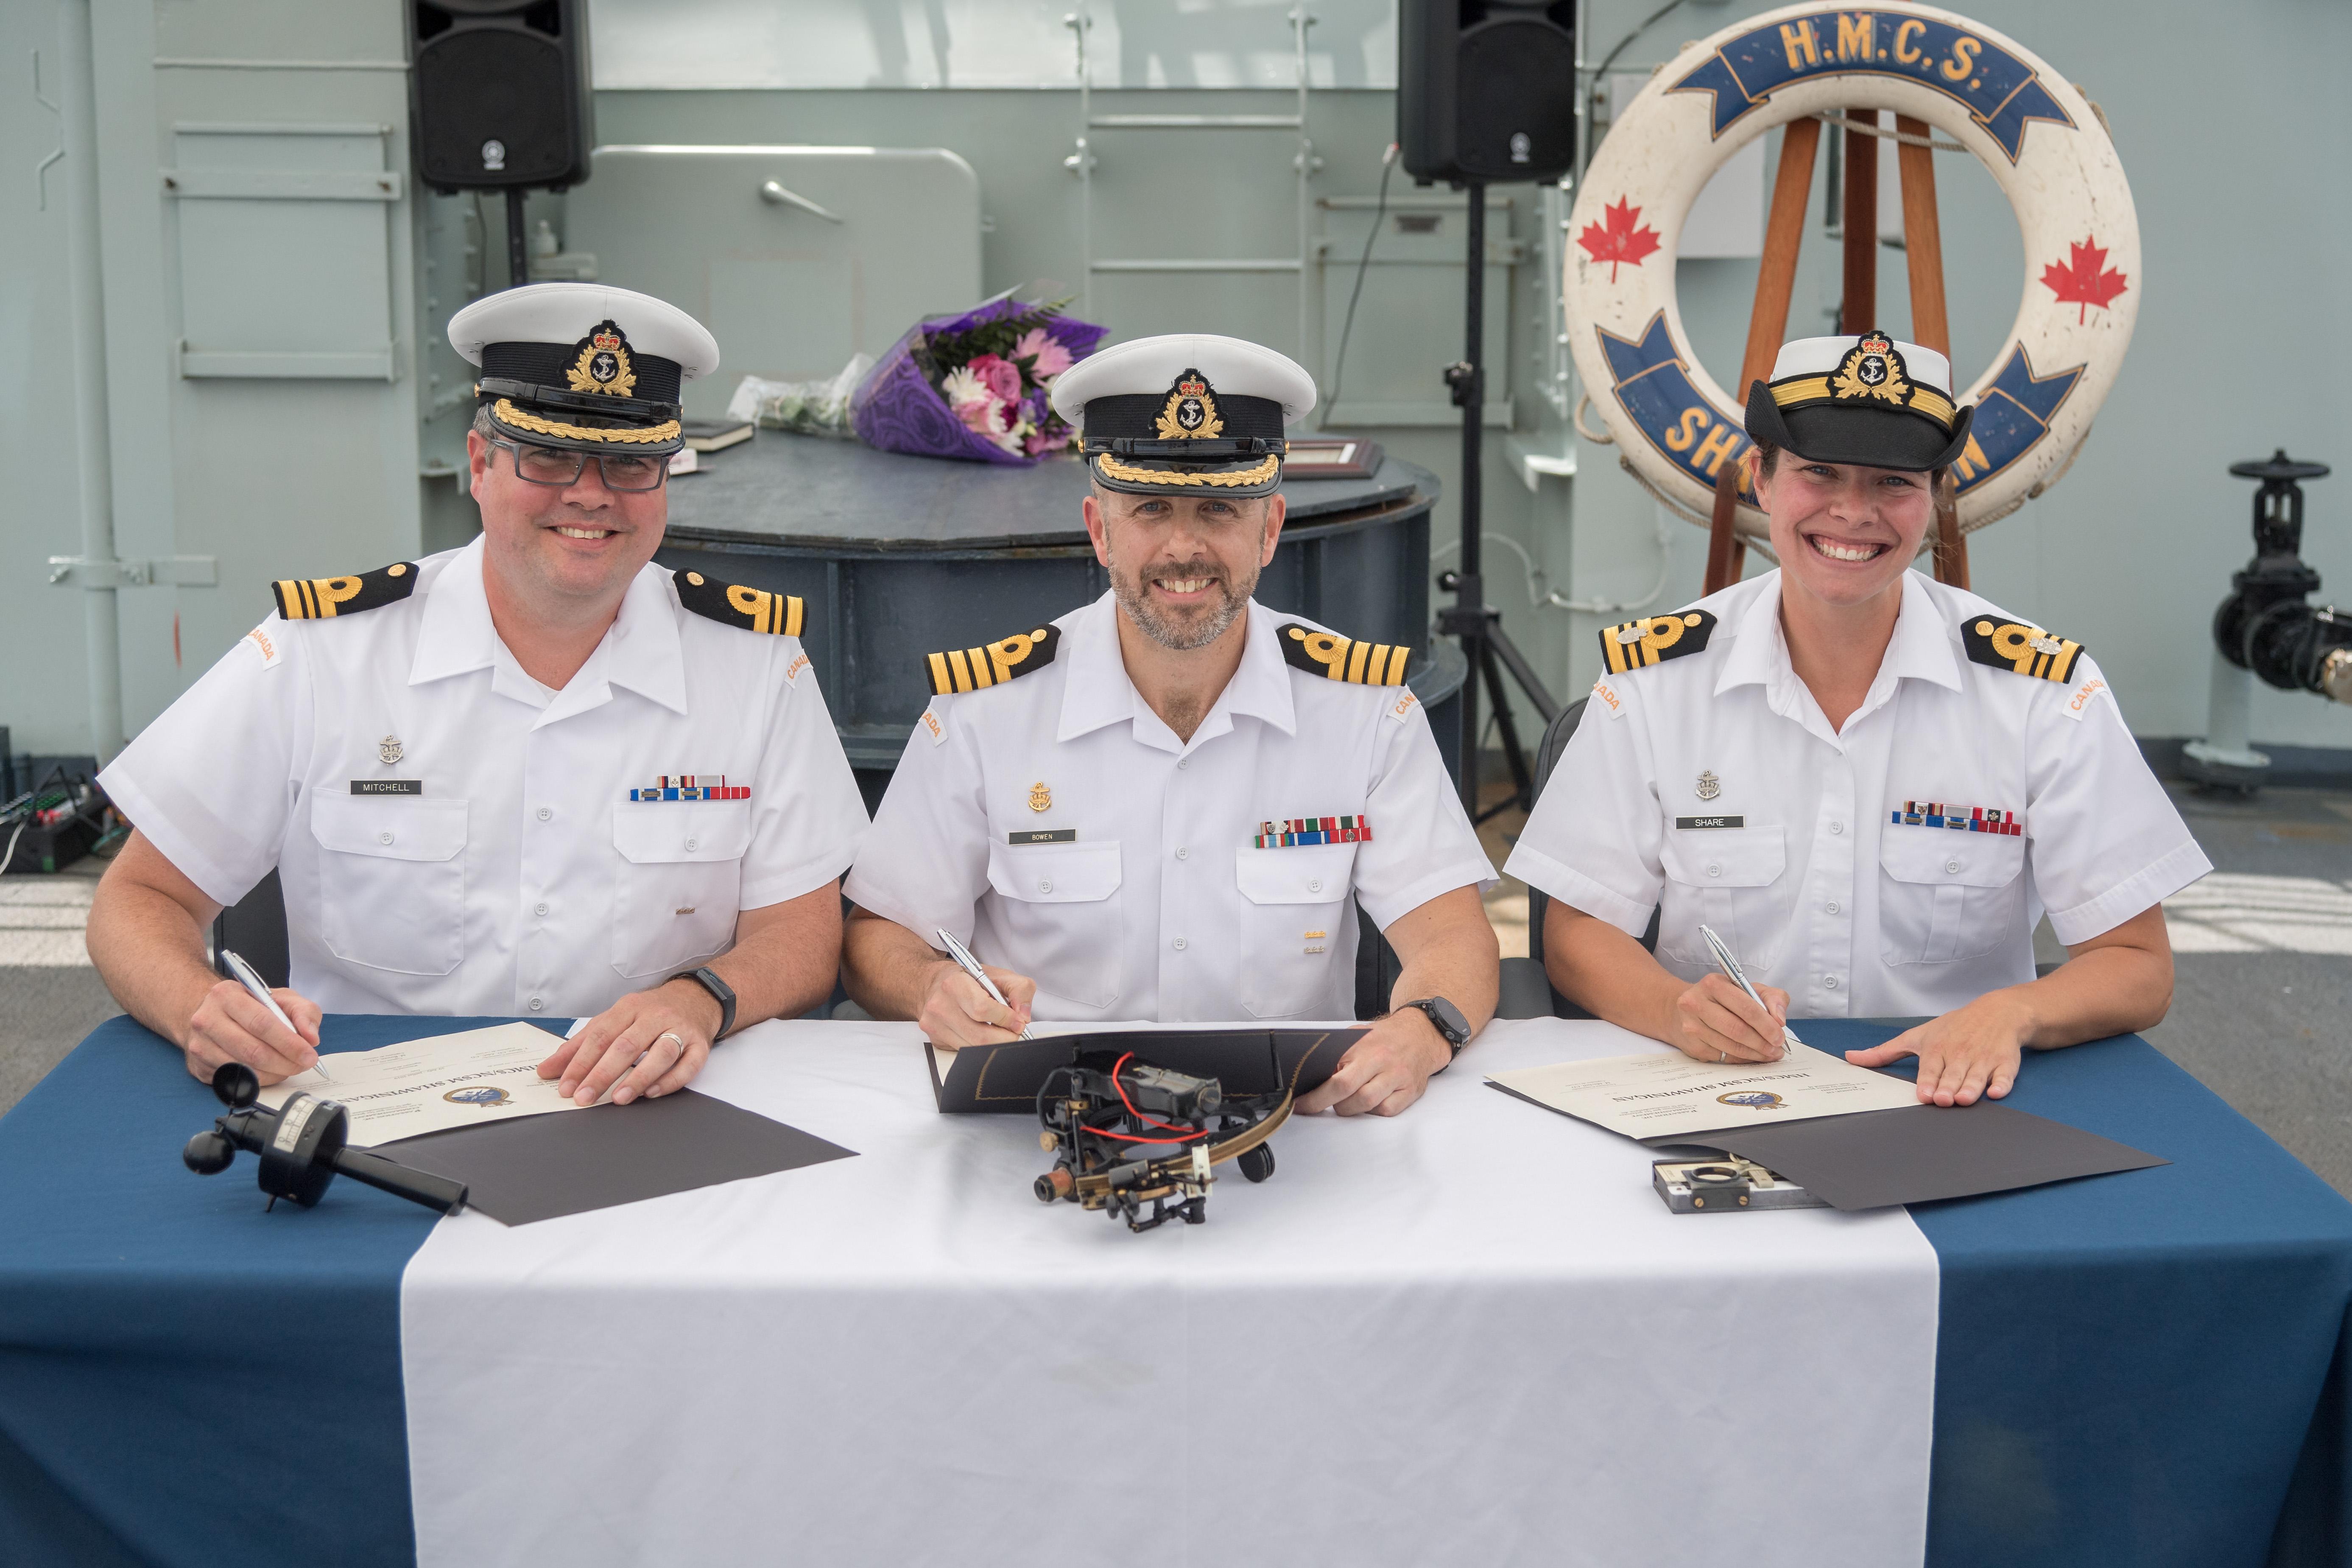 HMCS Shawinigan Change of Command